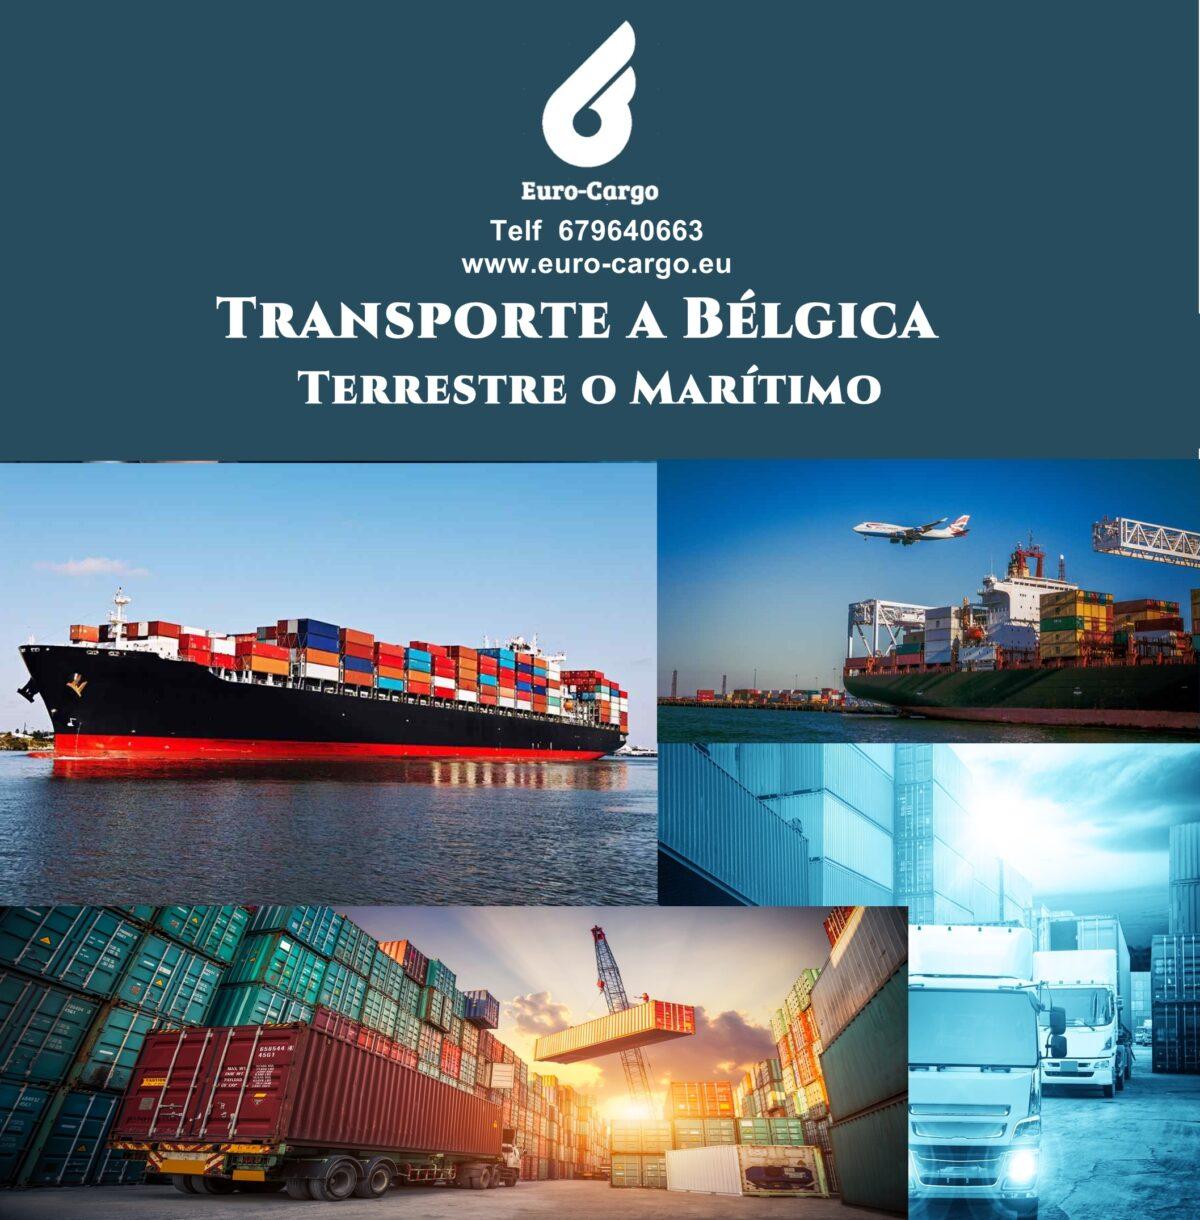 Transporte-a-Belgica-1200x1220.jpg